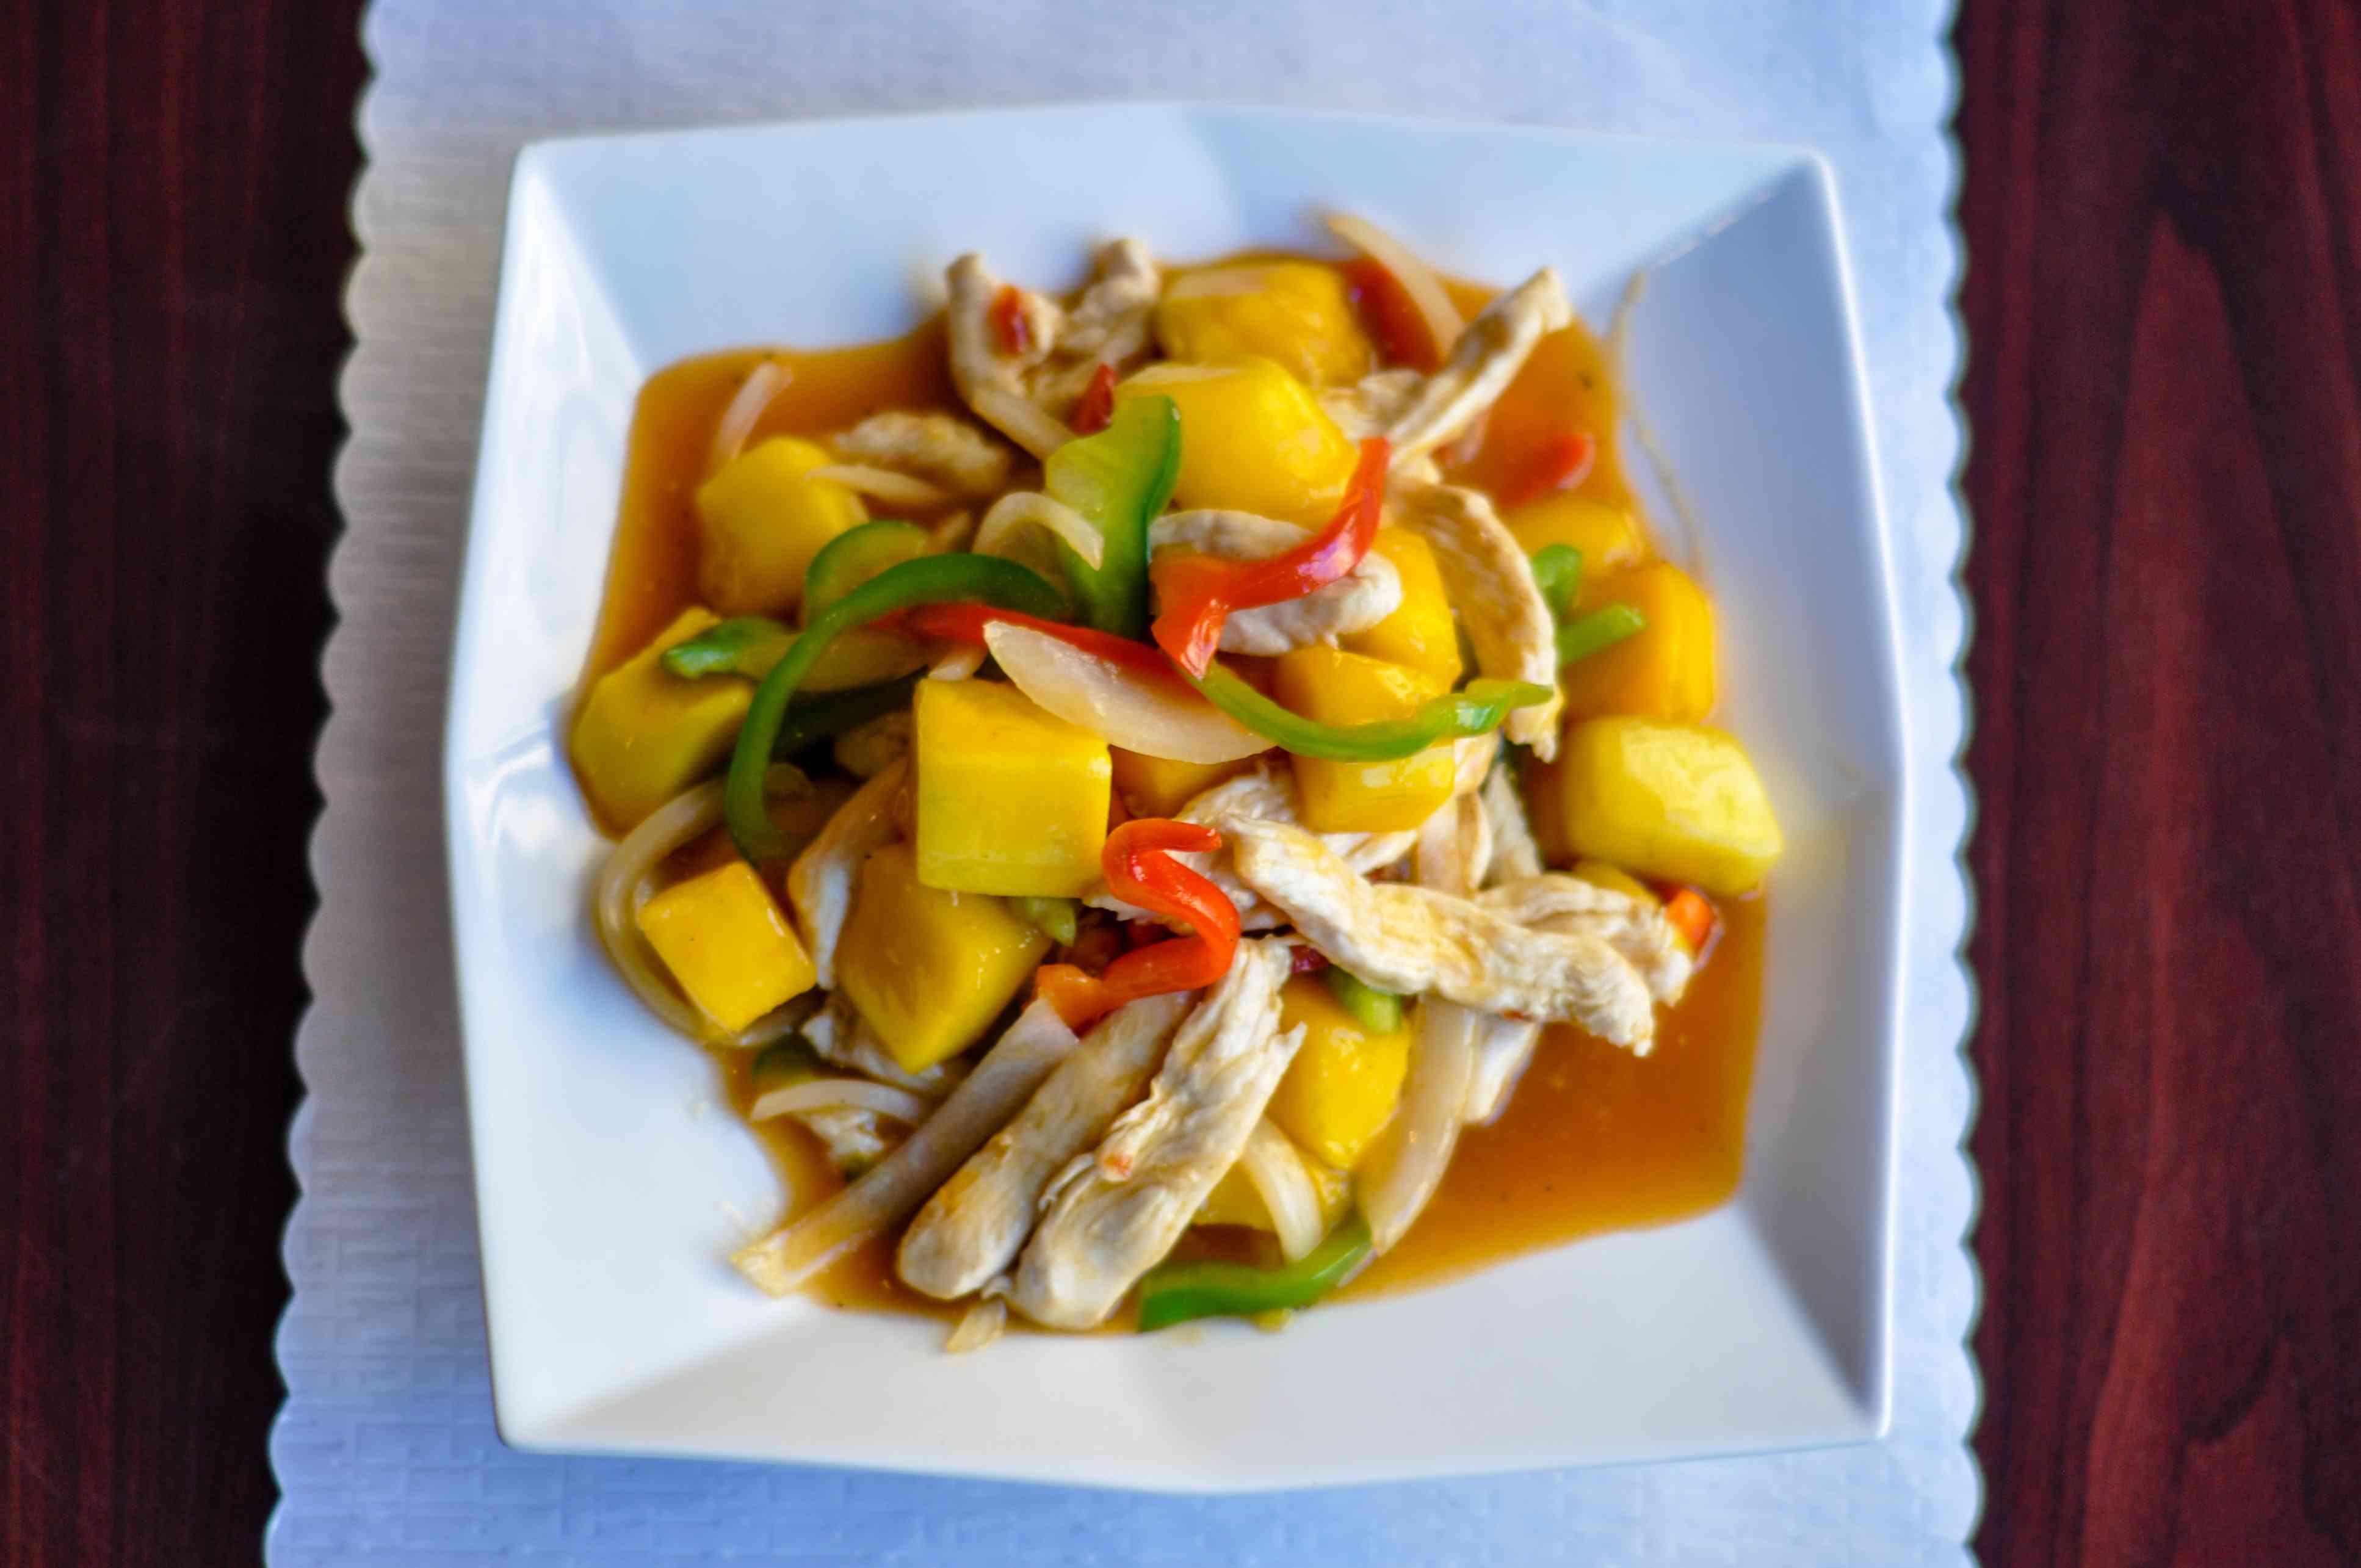 Mango chicken stir-fry